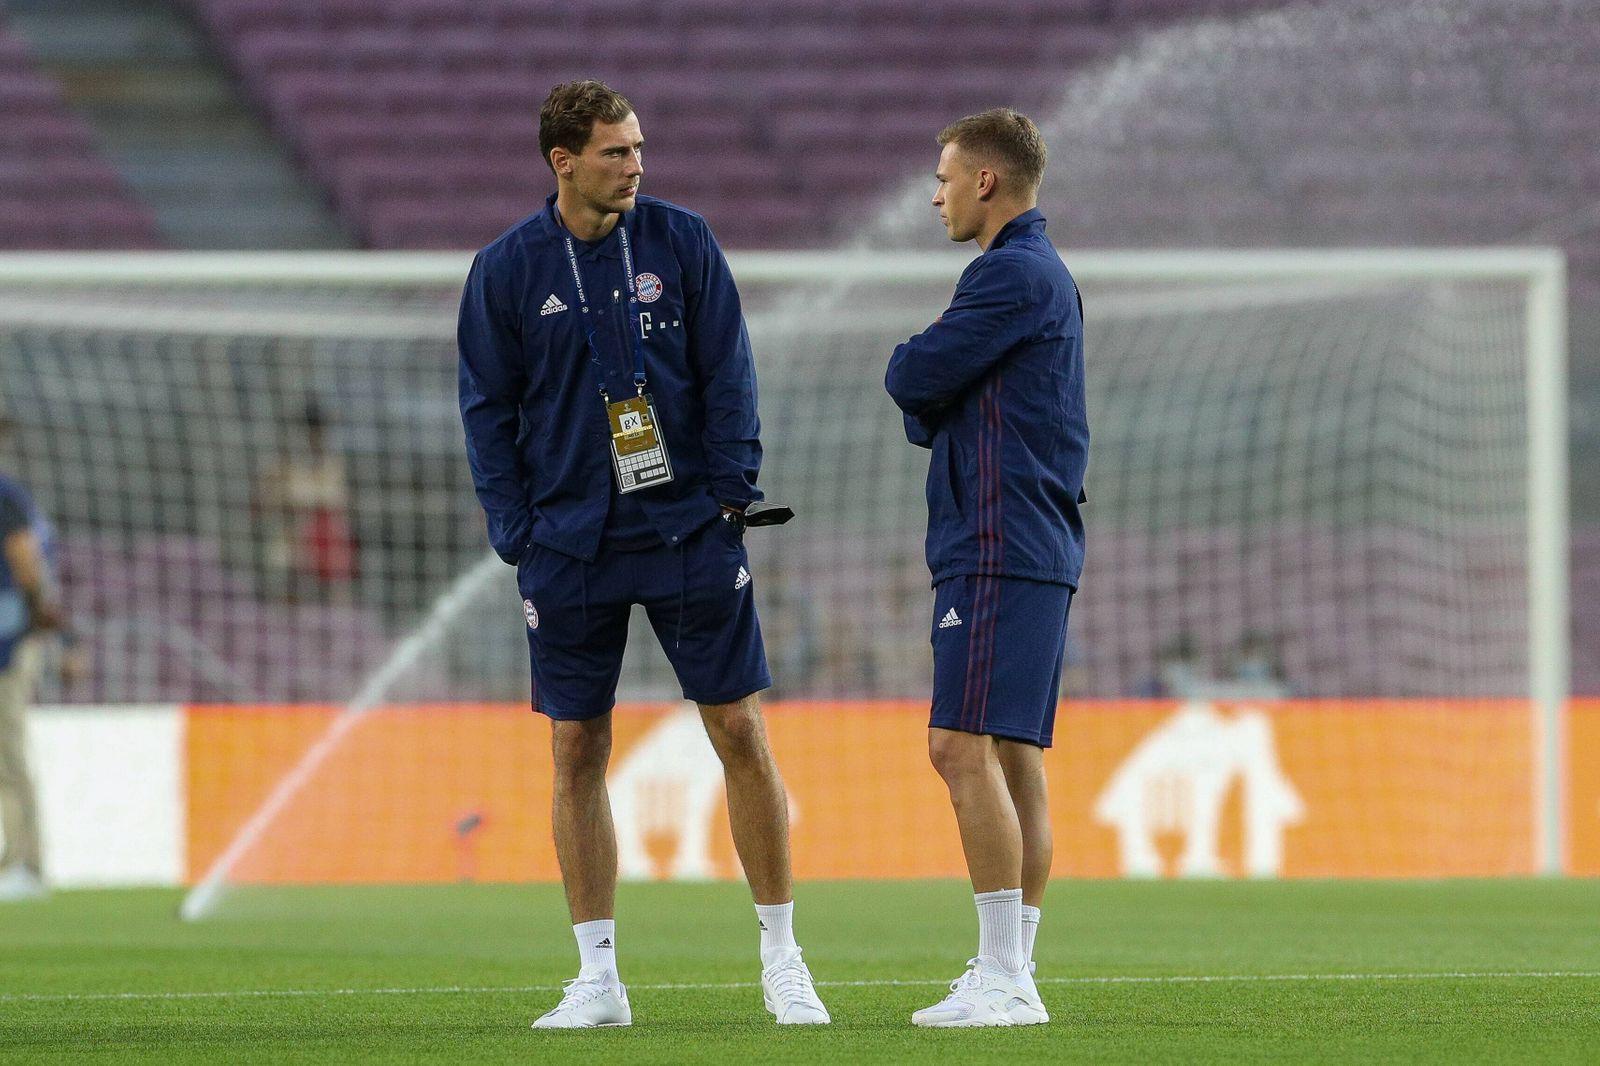 l-r: Leon Goretzka 8 ö(FC Bayern Muenchen), Joshua Kimmich 6 (FC Bayern Muenchen), FC Barcelona, Barca vs. FC Bayern Mu